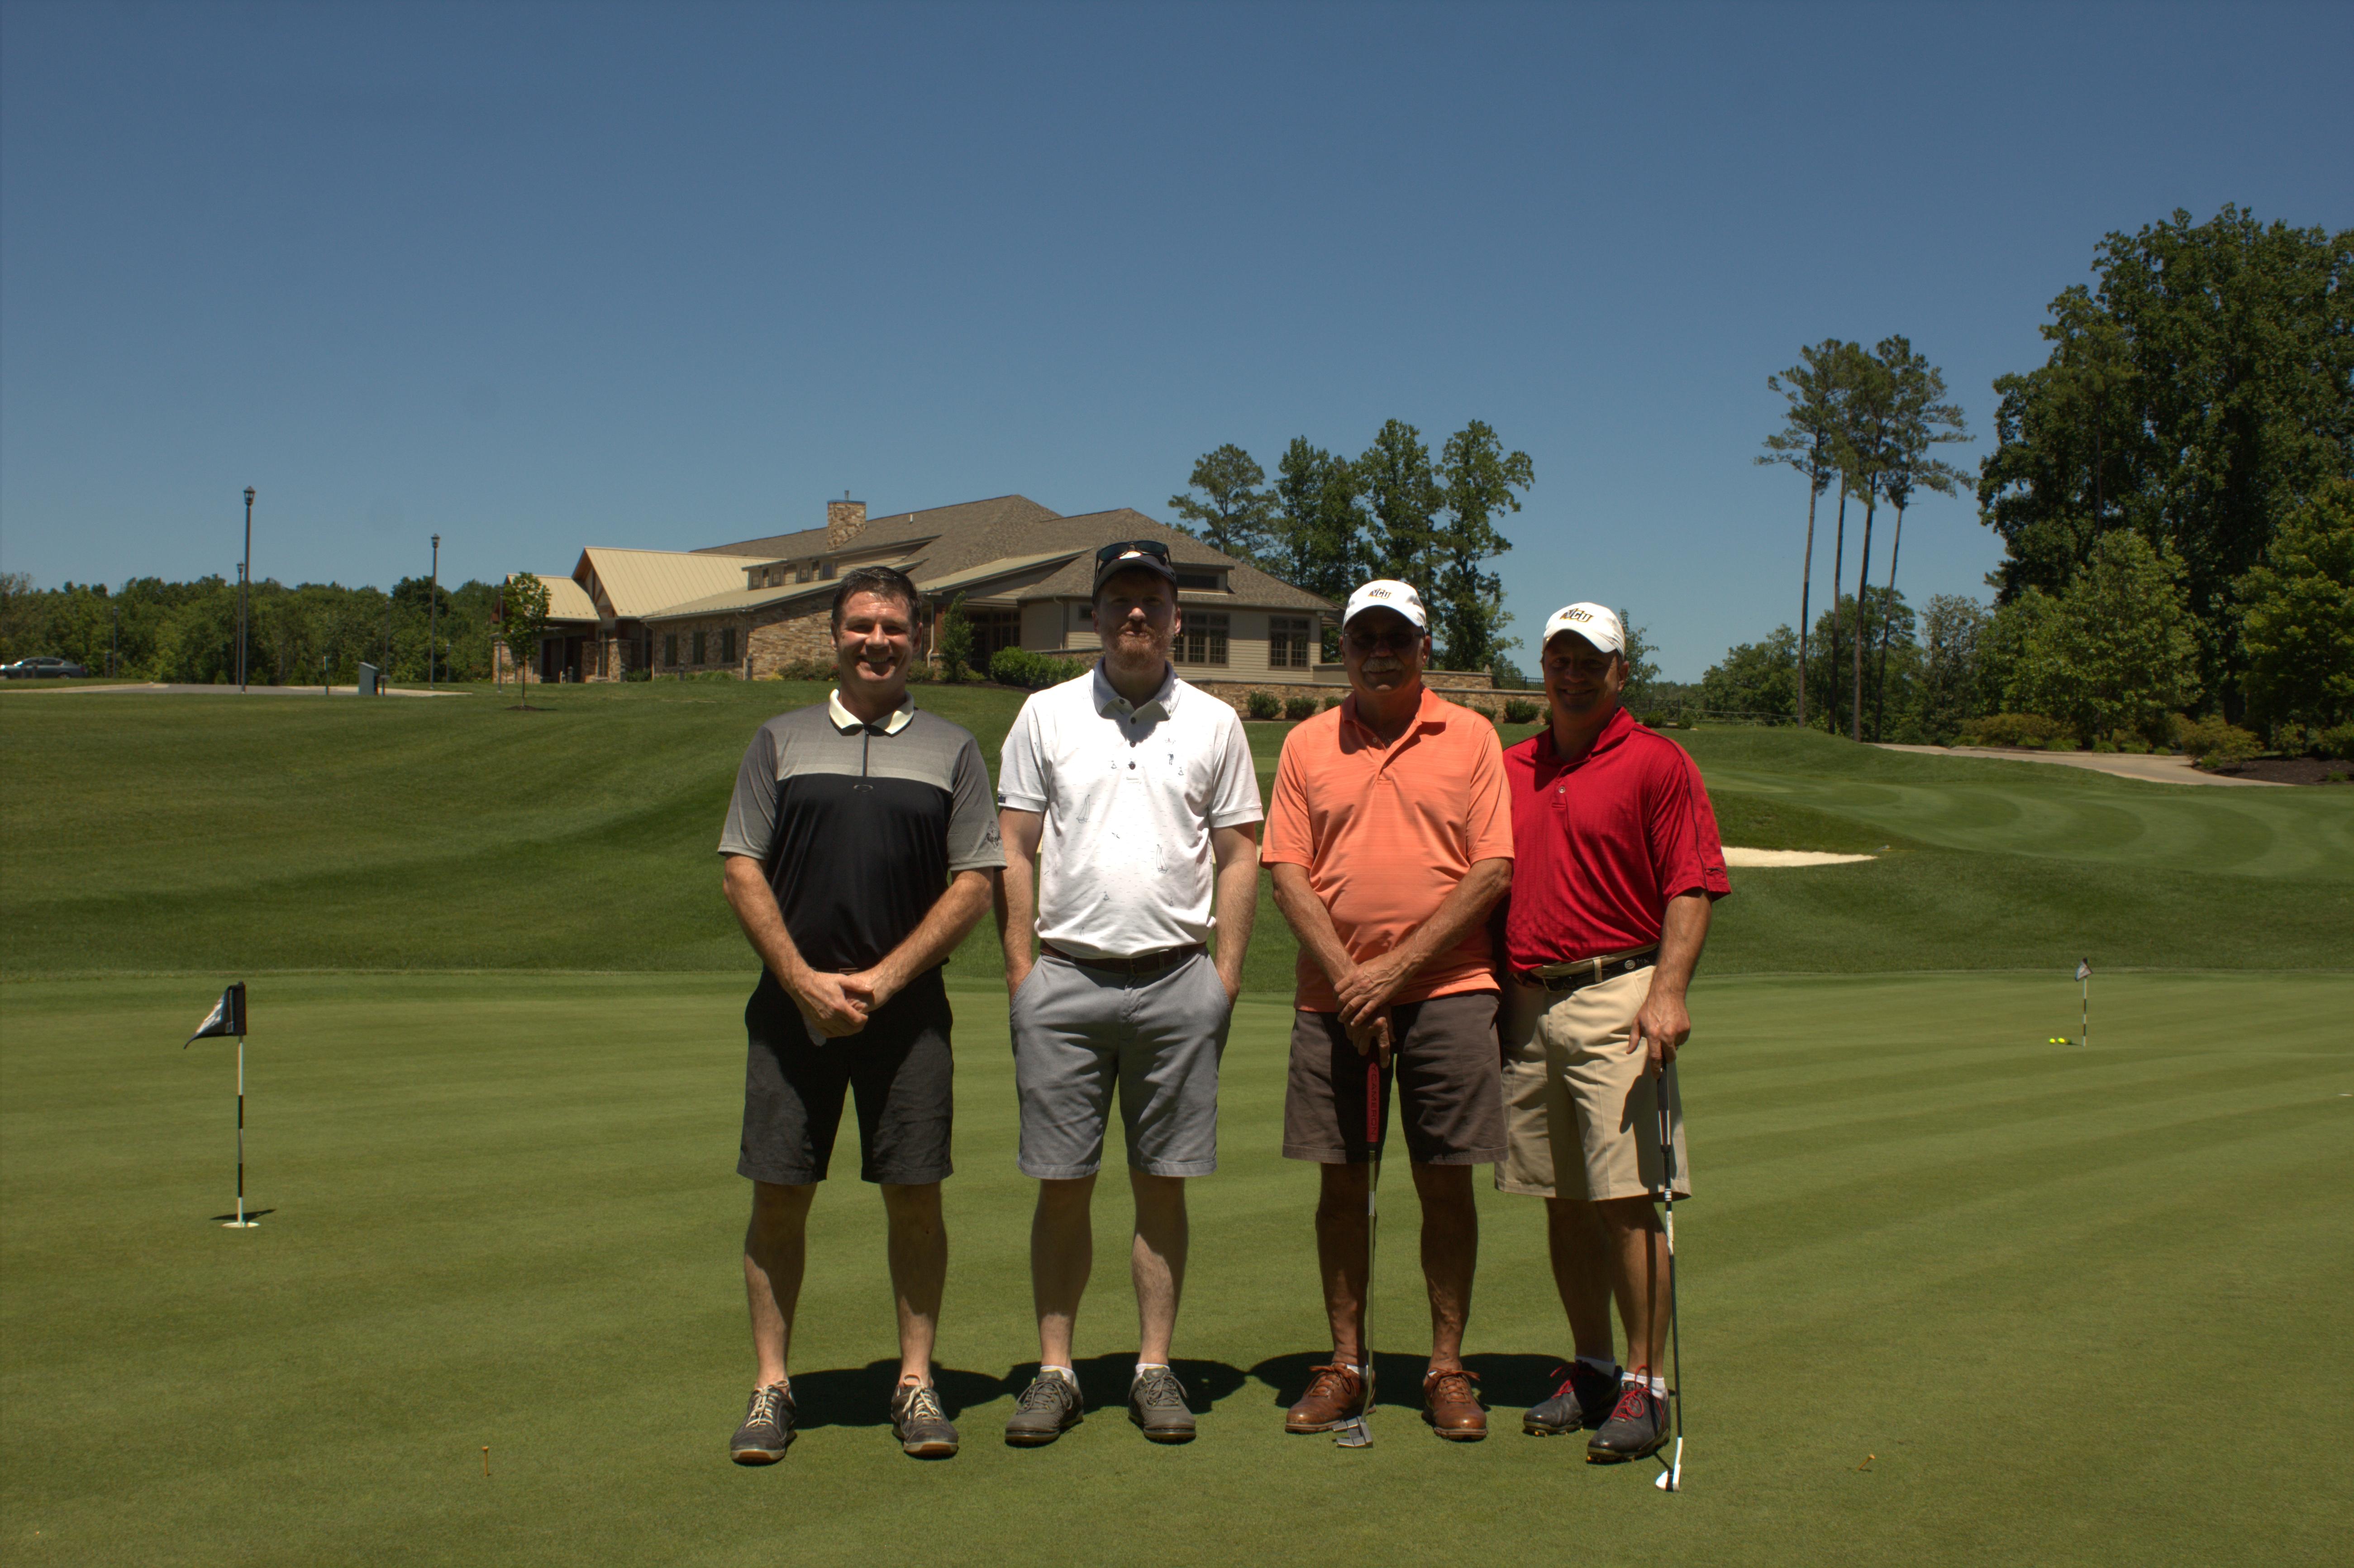 WRBA Golf Tournament Putting Contest 2019 Team-7-01.jpg